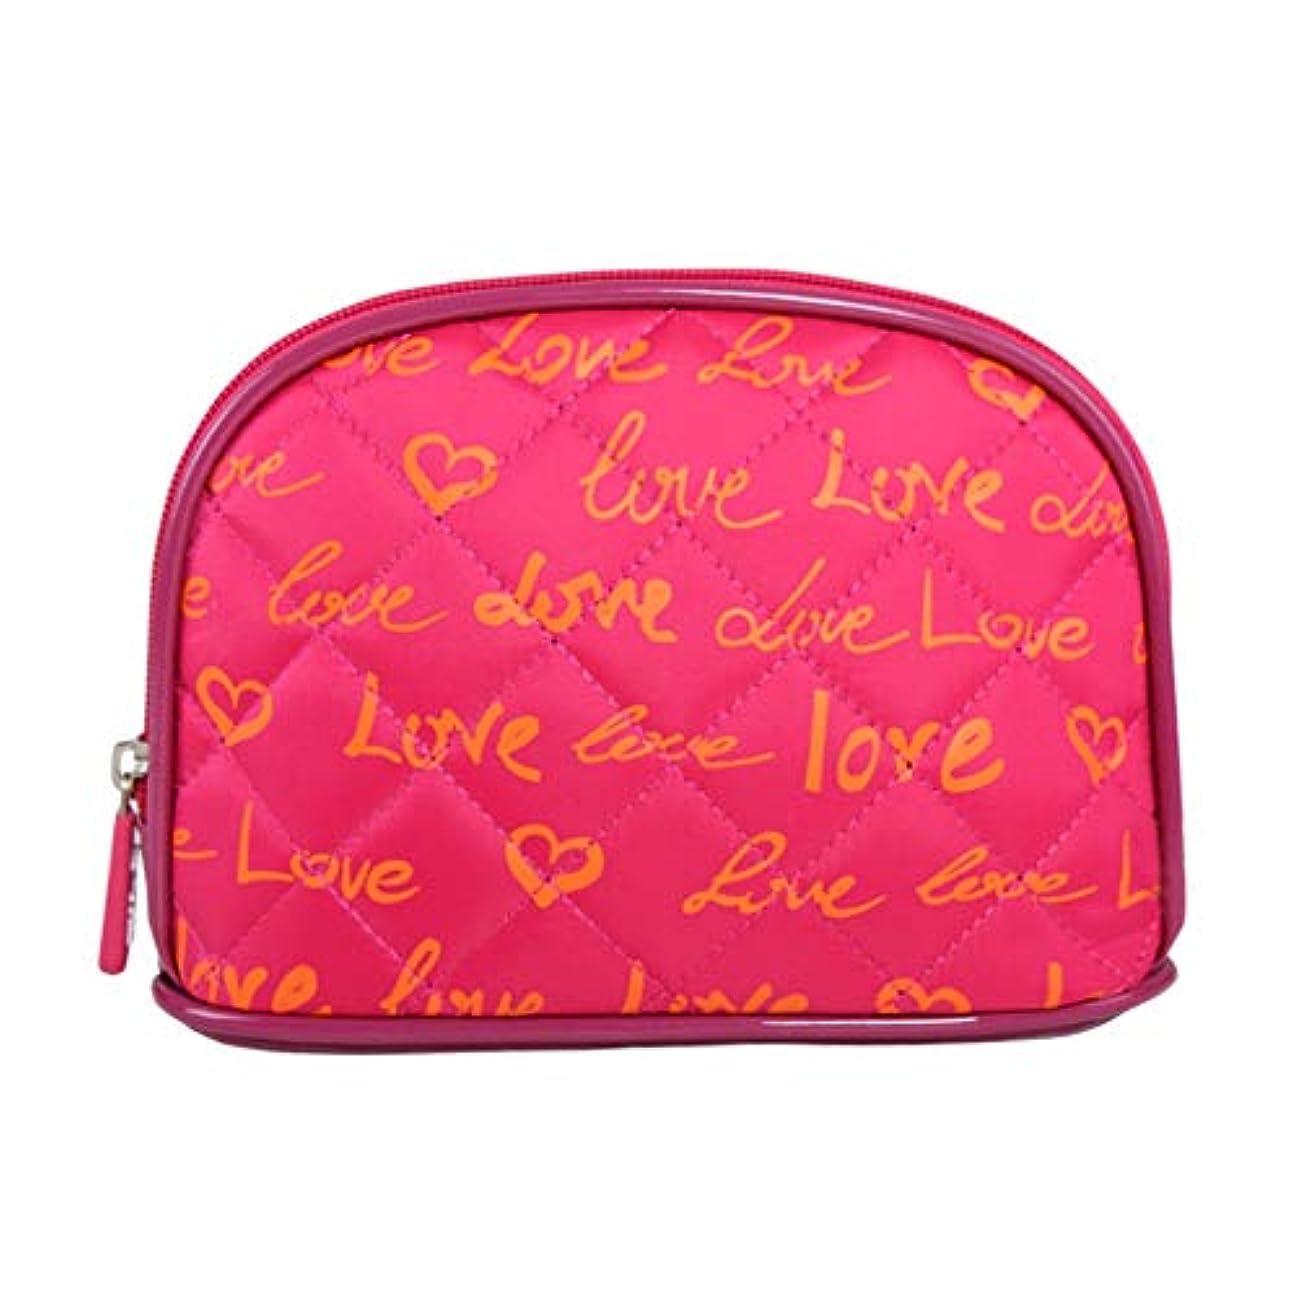 ゲインセイ介入する精神的に化粧オーガナイザーバッグ ポータブル防水化粧品袋印刷トップジッパーメークアップの場合旅行 化粧品ケース (色 : 赤)